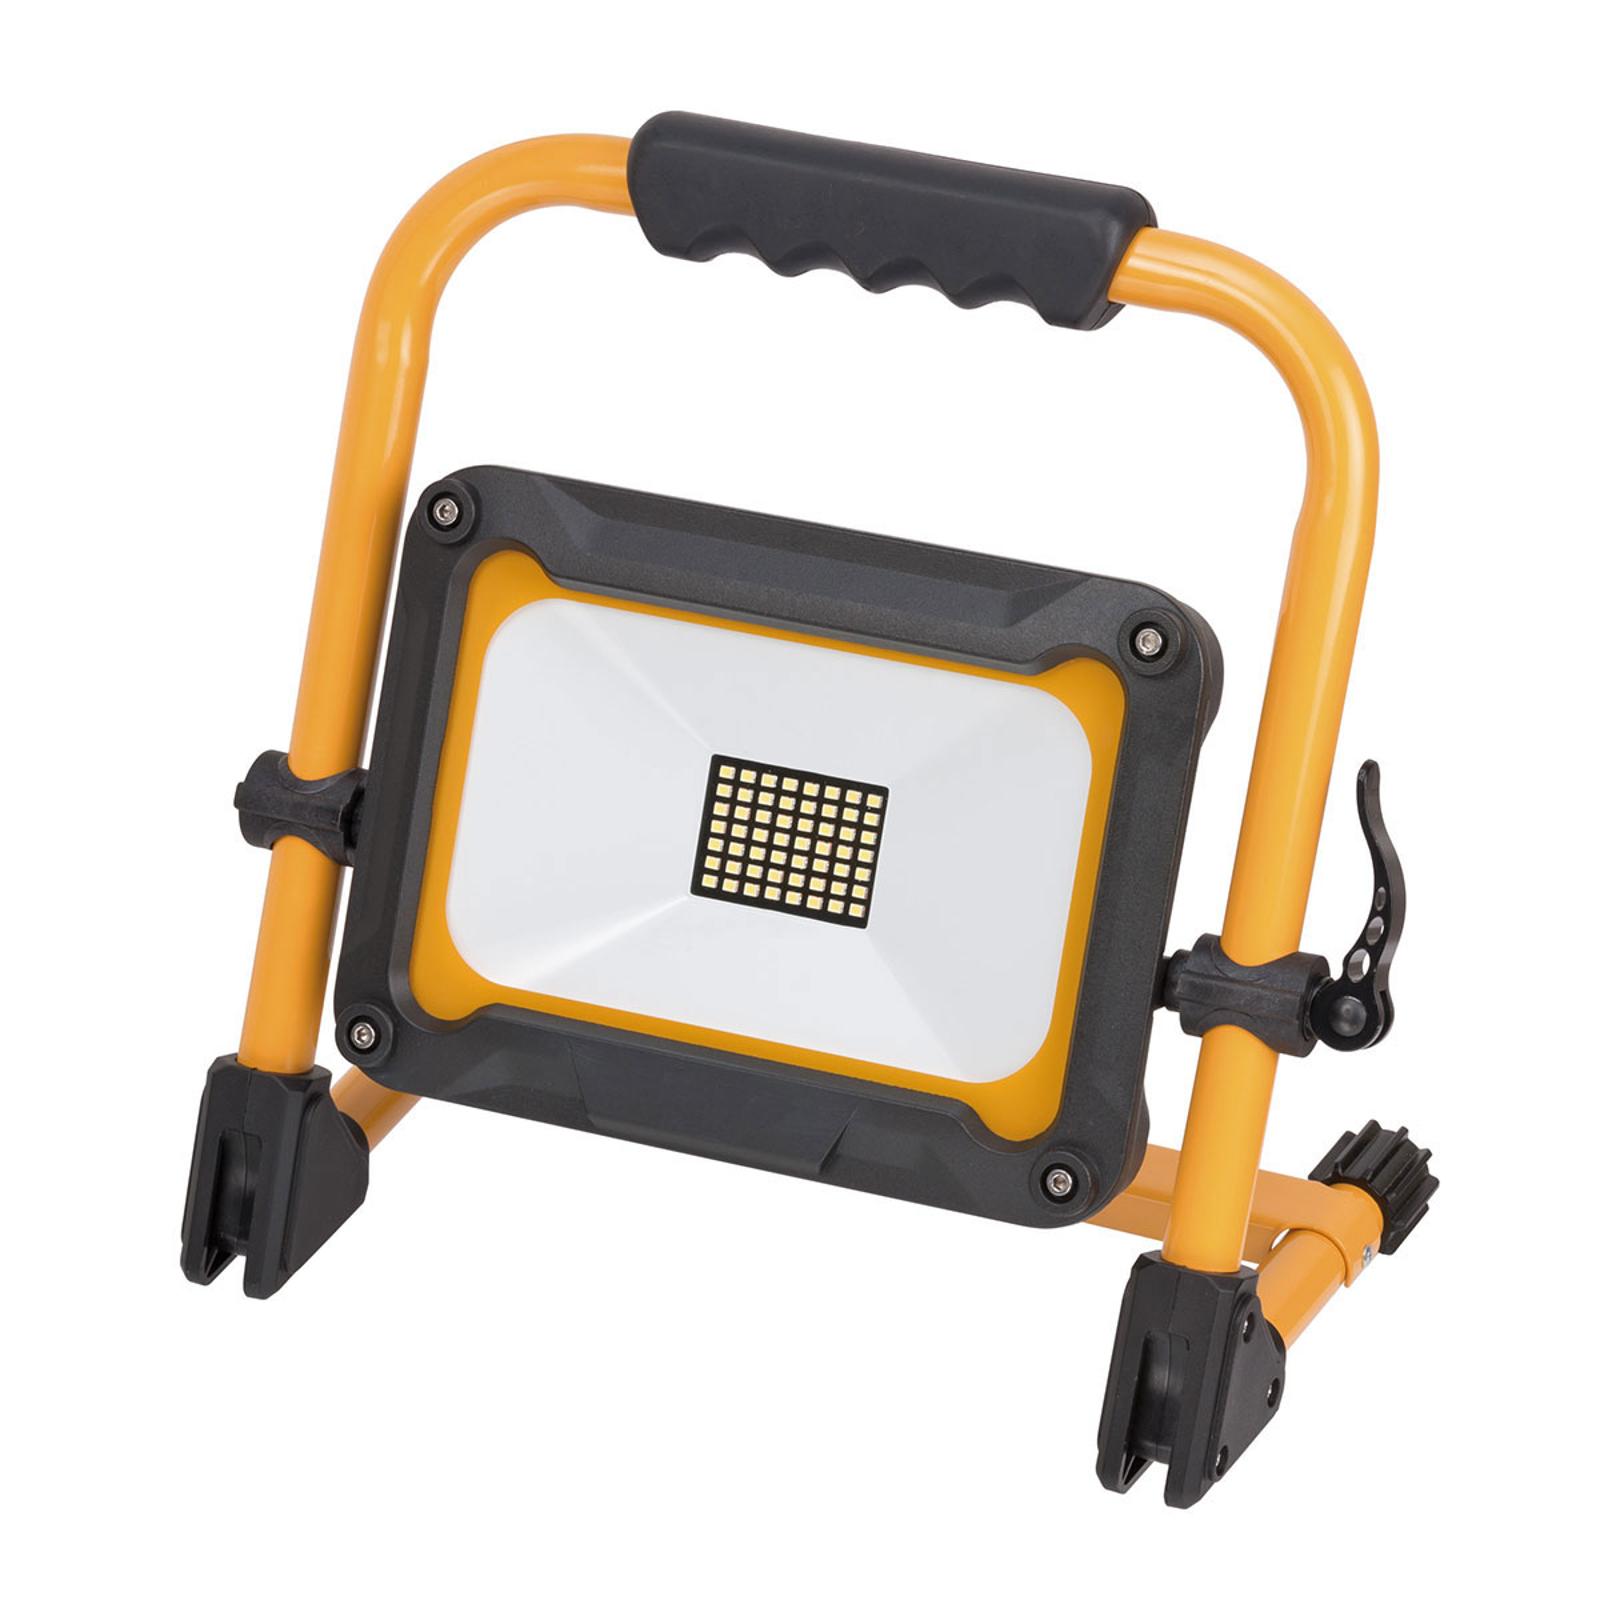 LED-Baustrahler Jaro m. Akku, mobil, IP54 30W